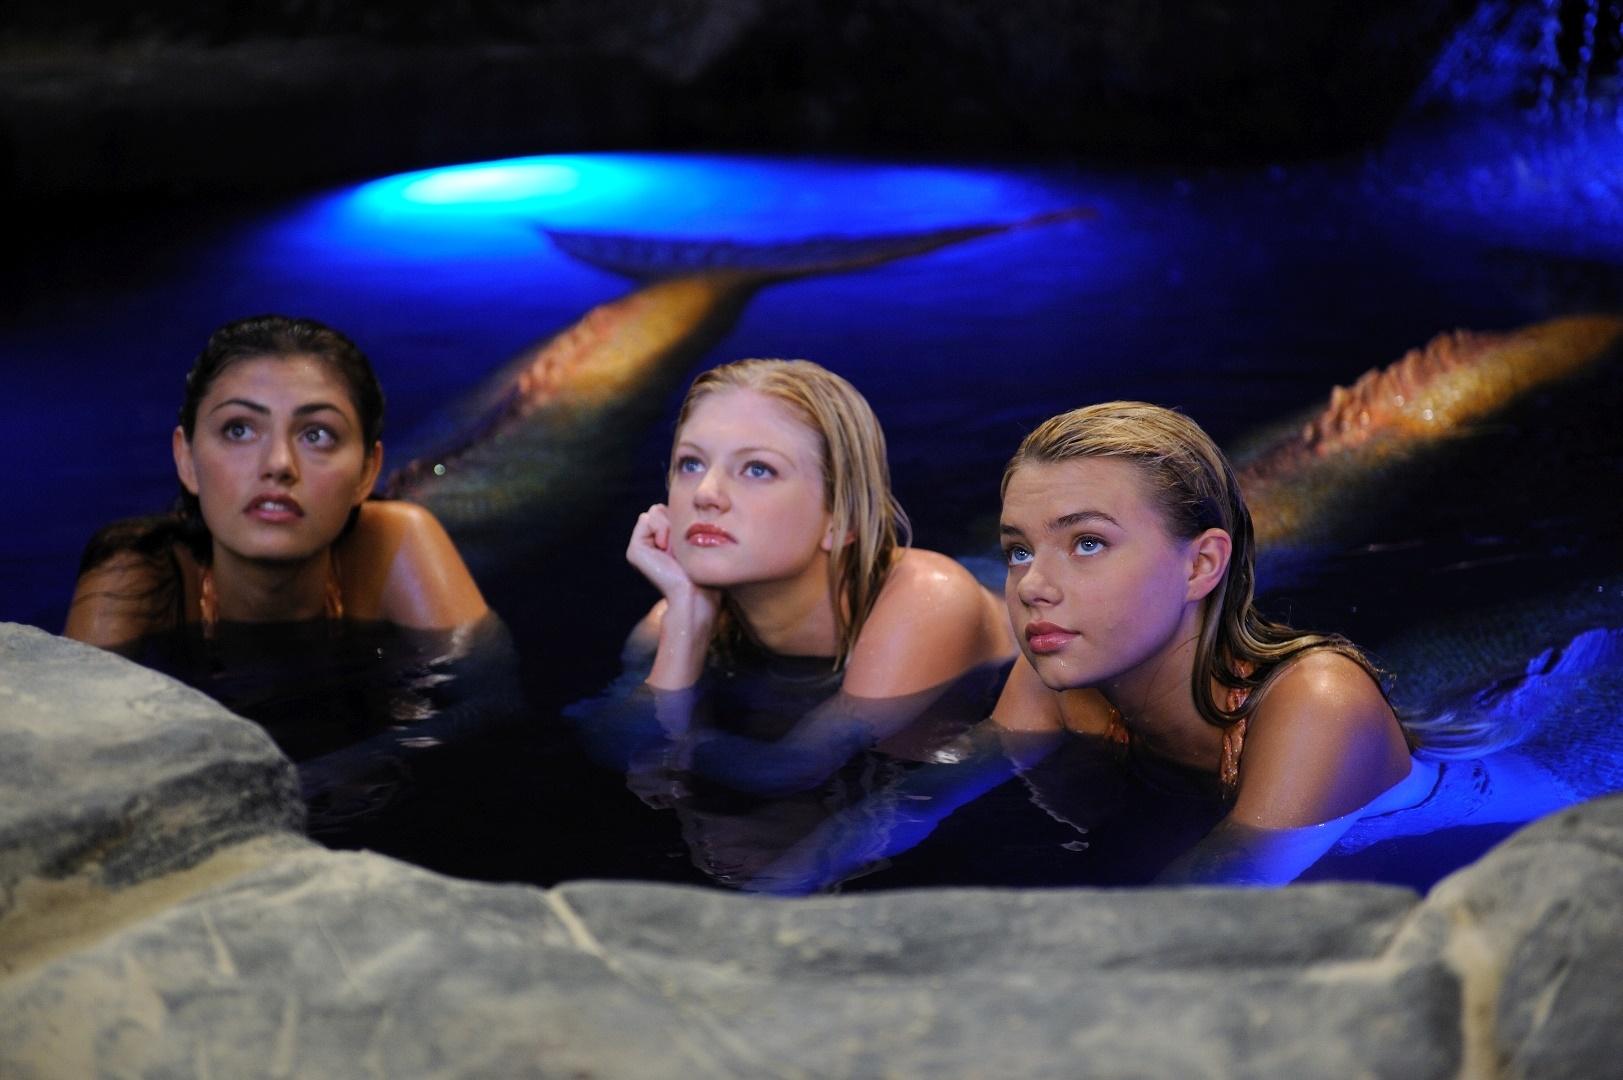 File:Mermaids In Moon Pool.png